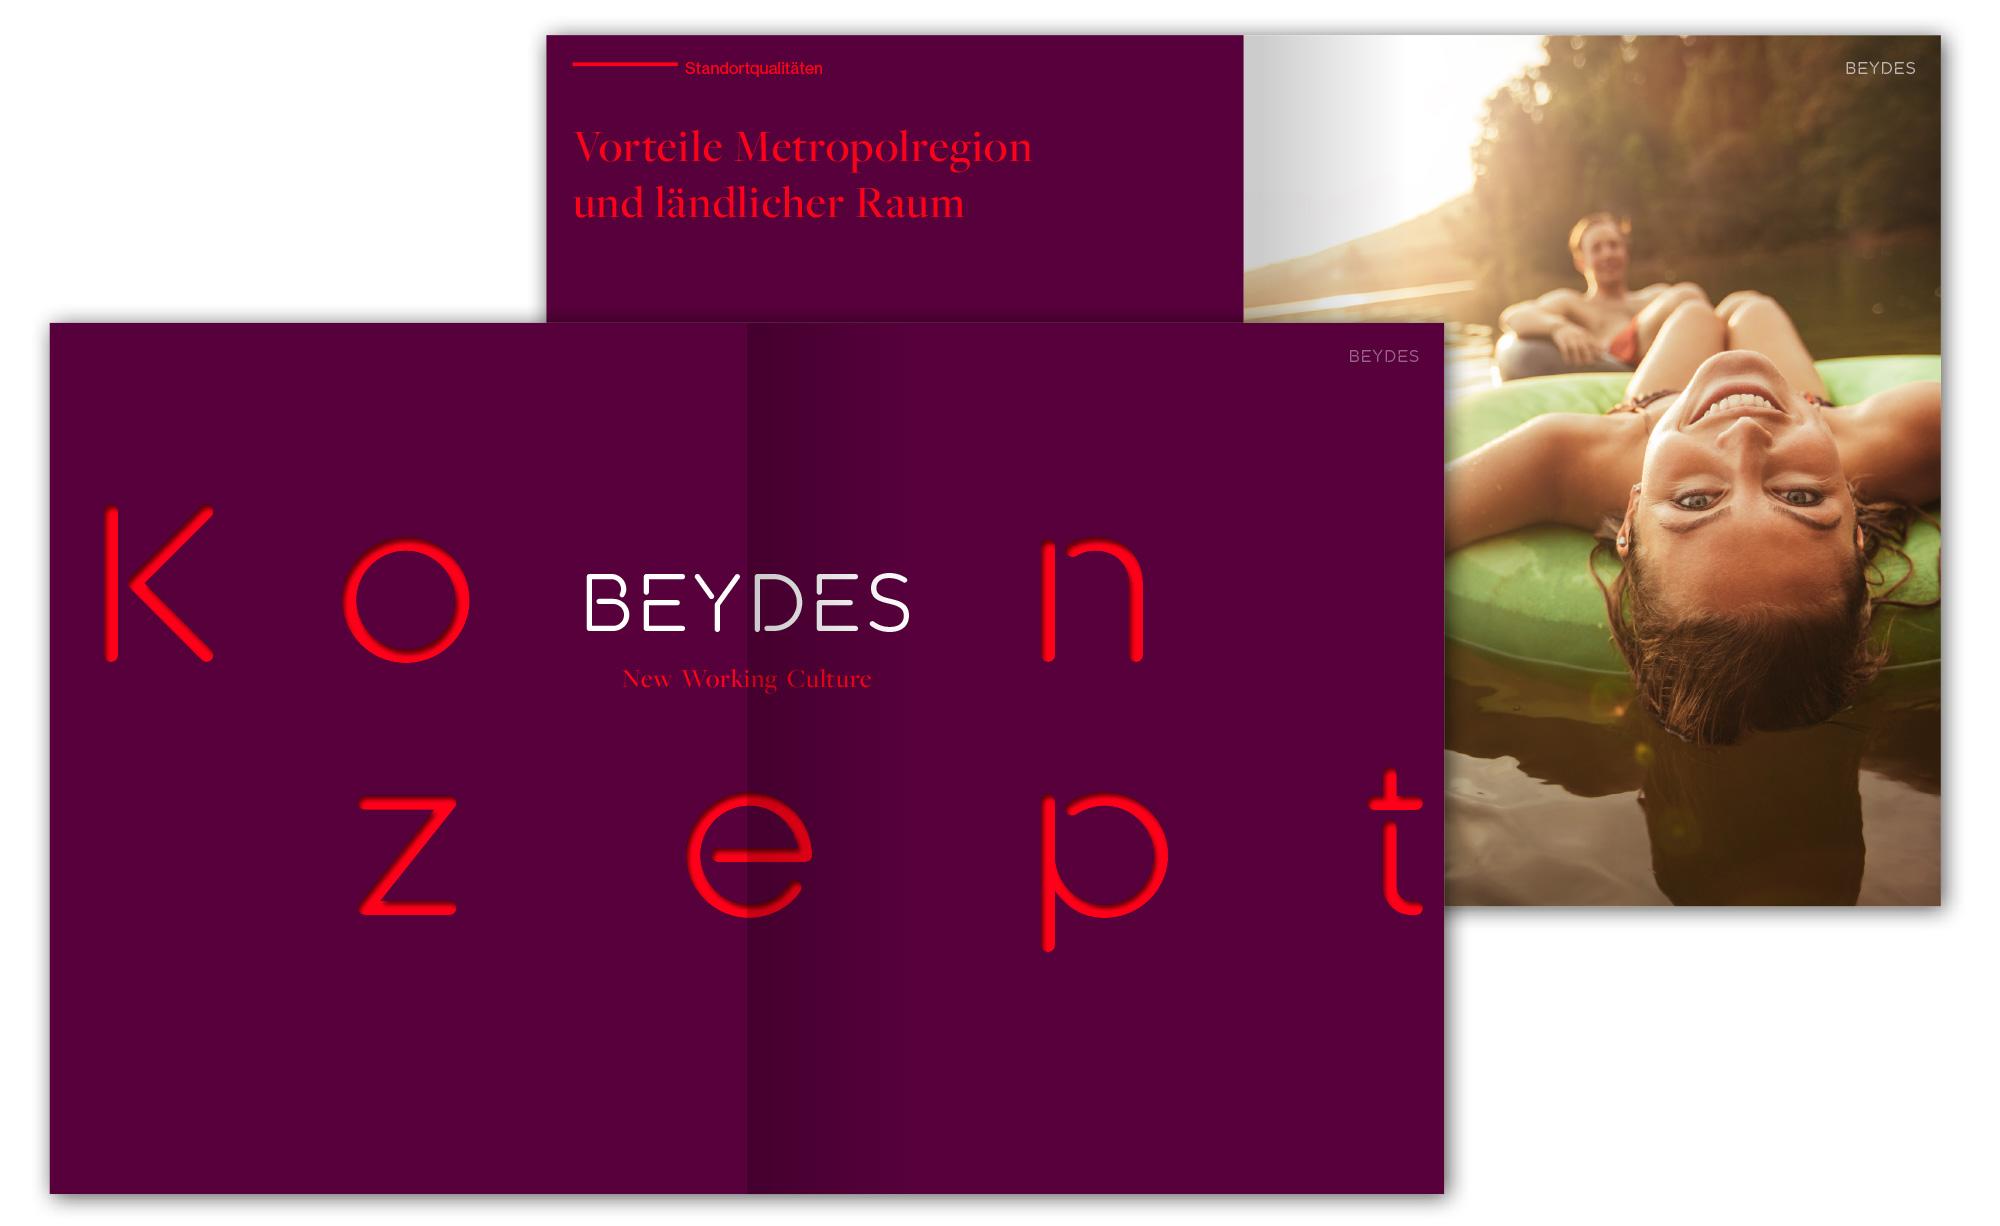 beydes-spread-konzept-7